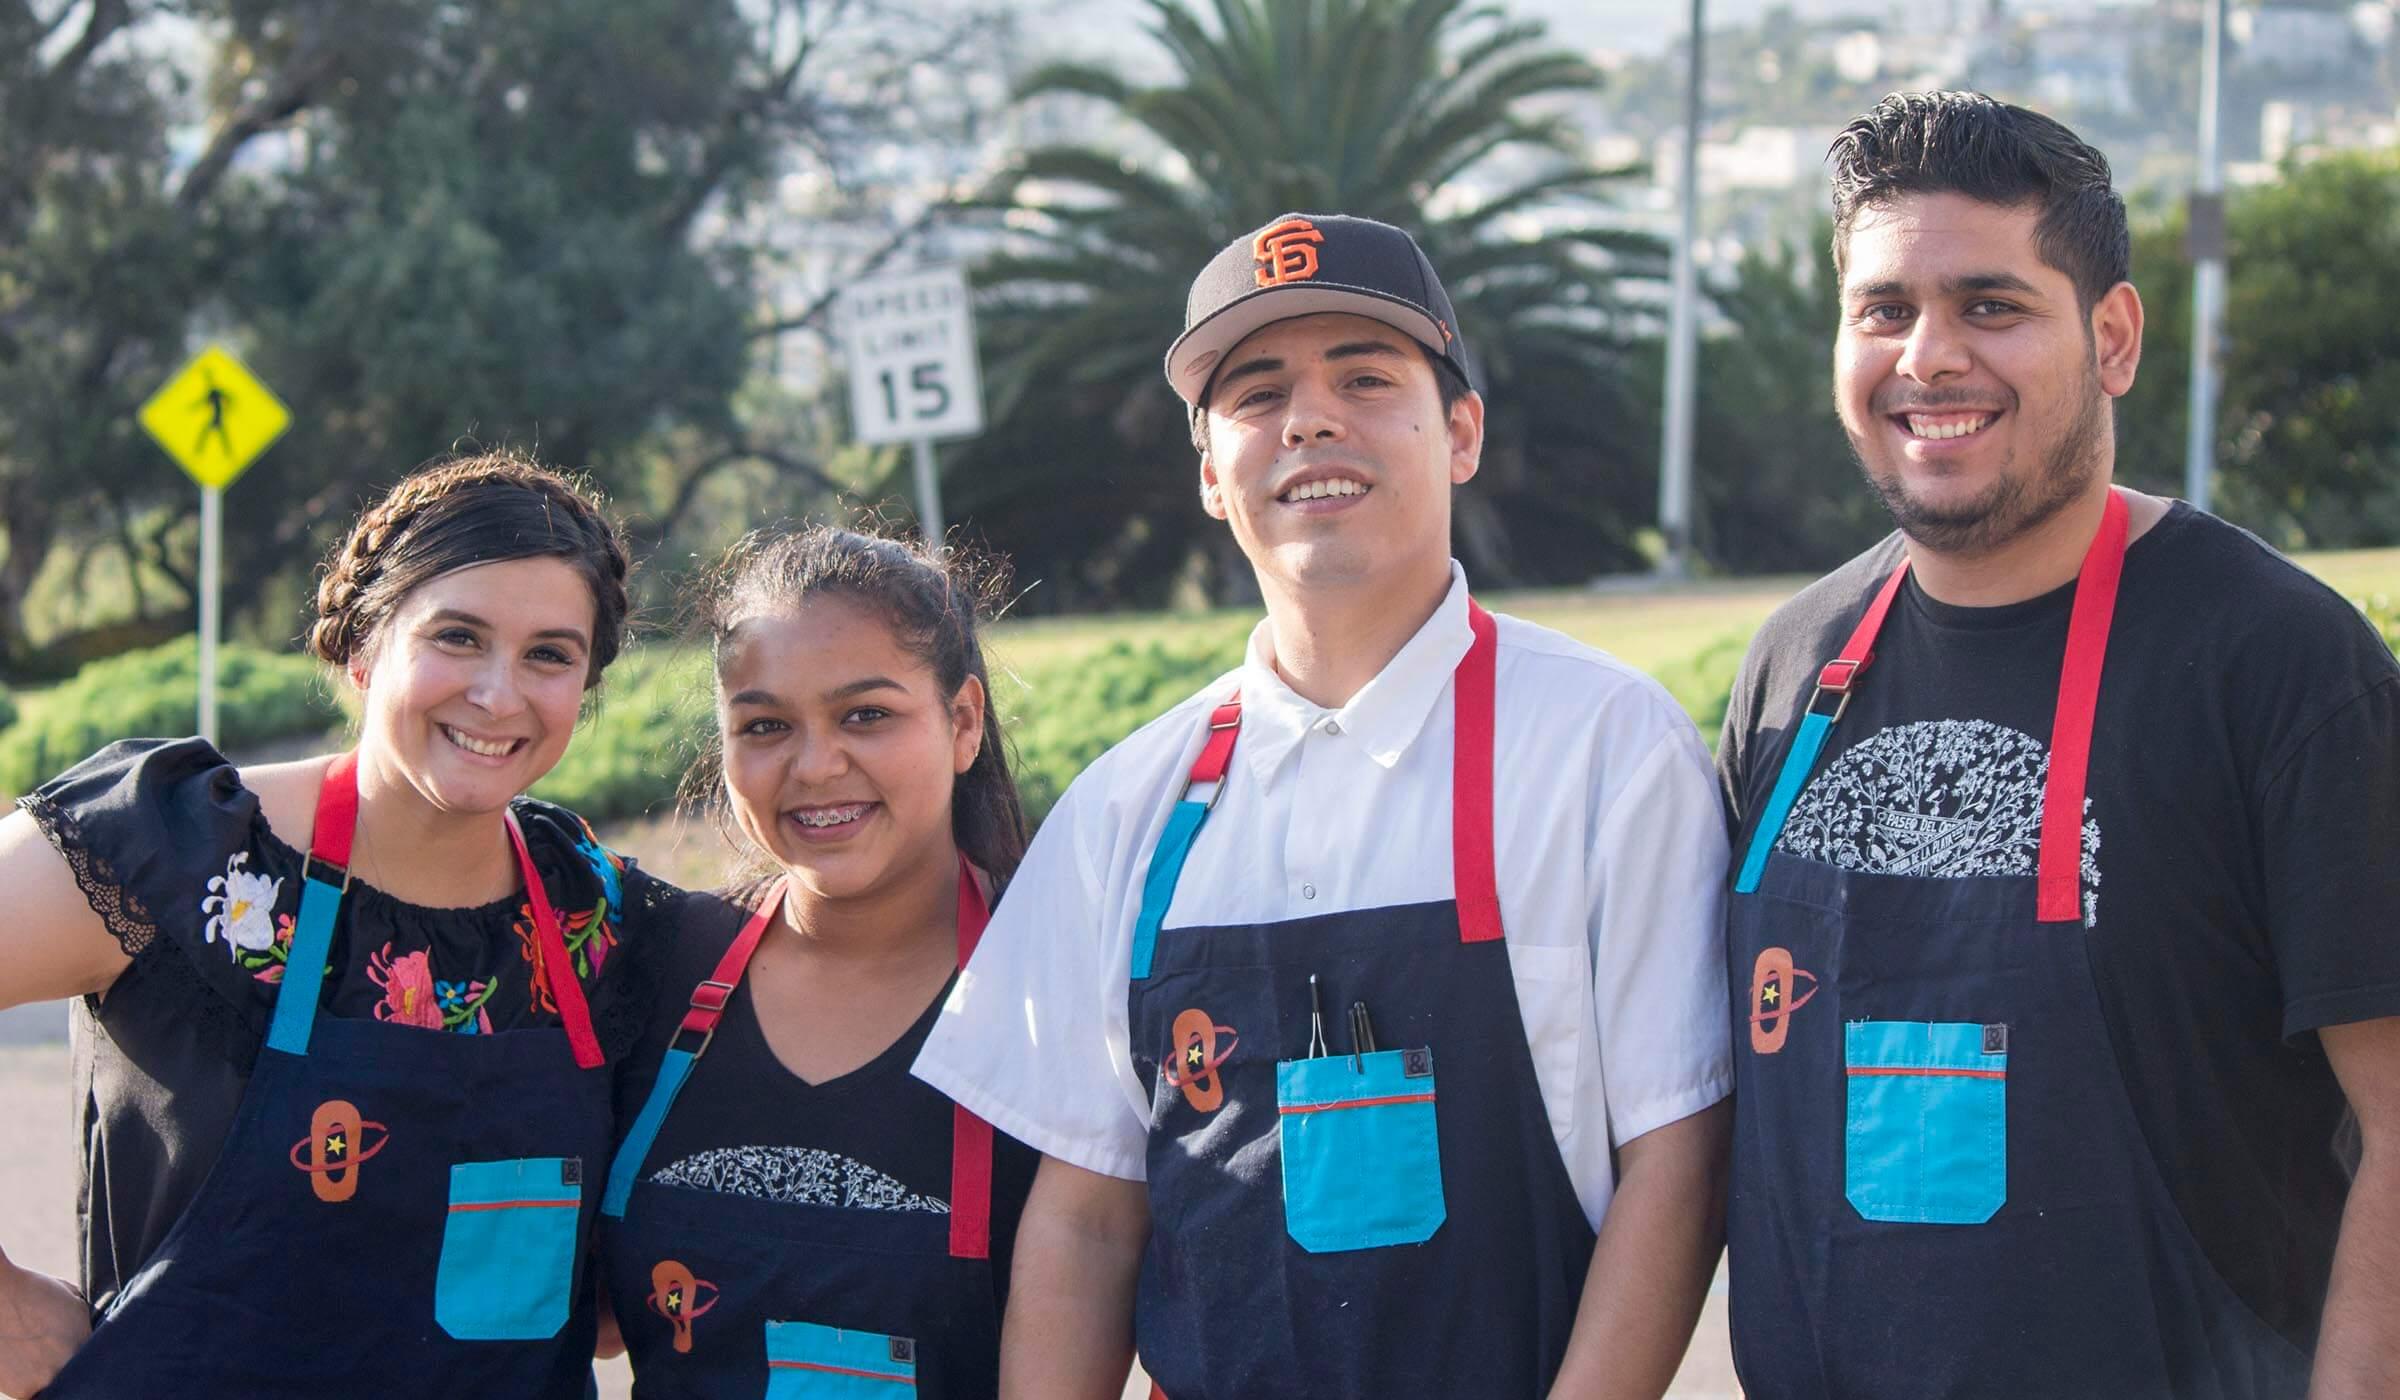 Chefs from La Victoria 100 year anniversary event